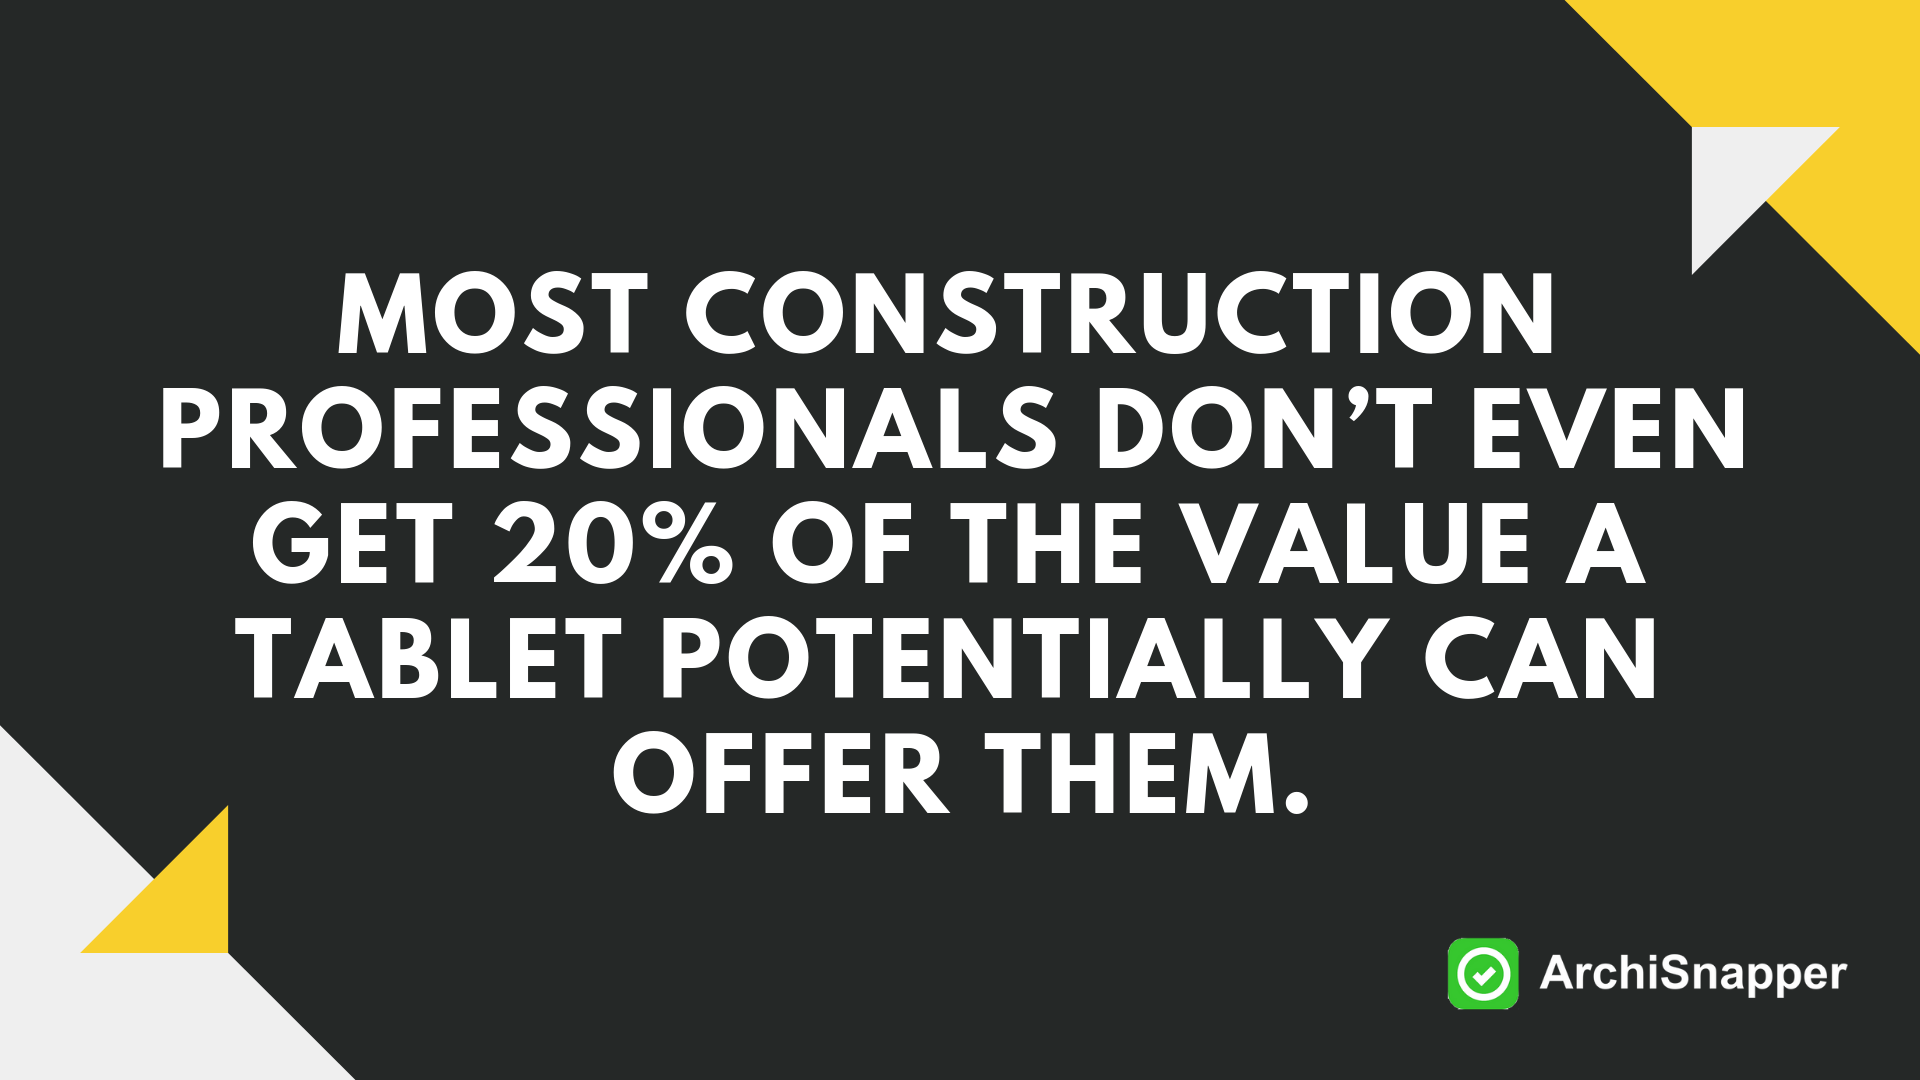 meeste mensen halen geen 20% uit wat een tablet waard is via archisnepper